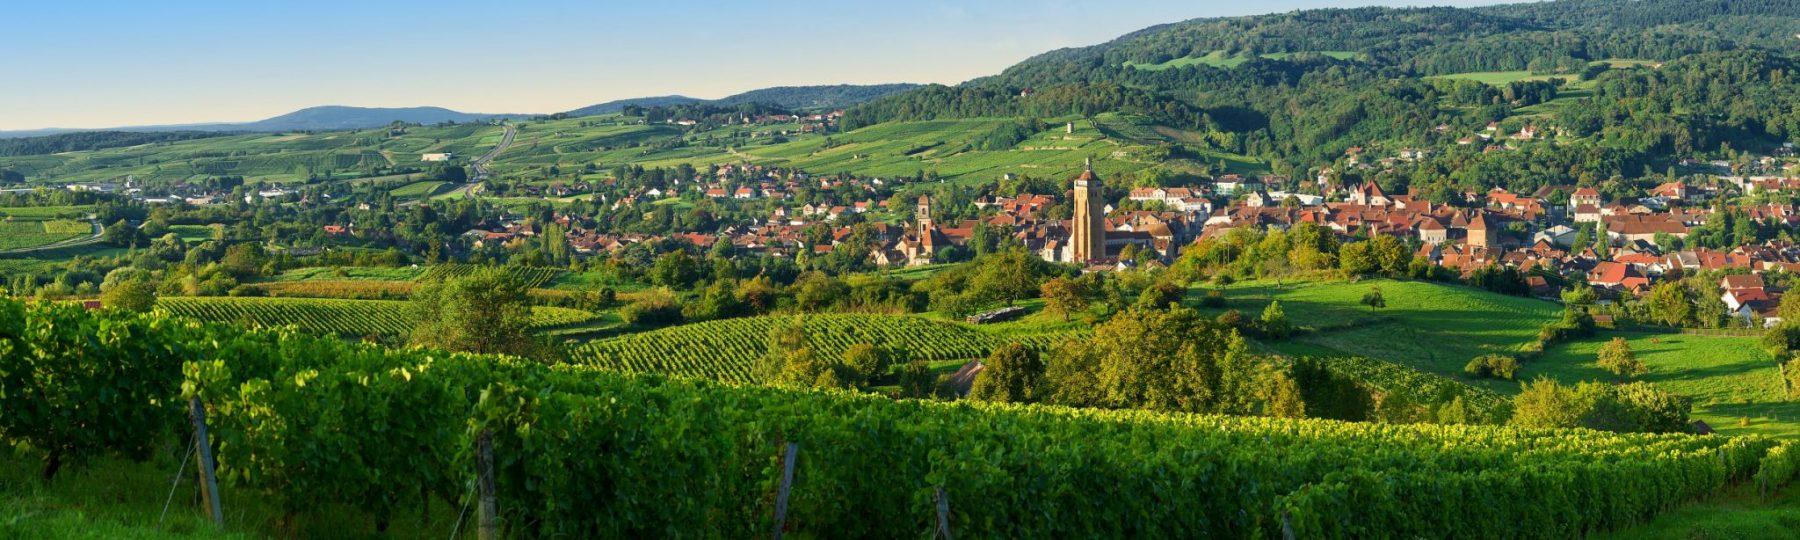 Vigne et village d'Arbois, © Stéphane Godin/Jura Tourisme